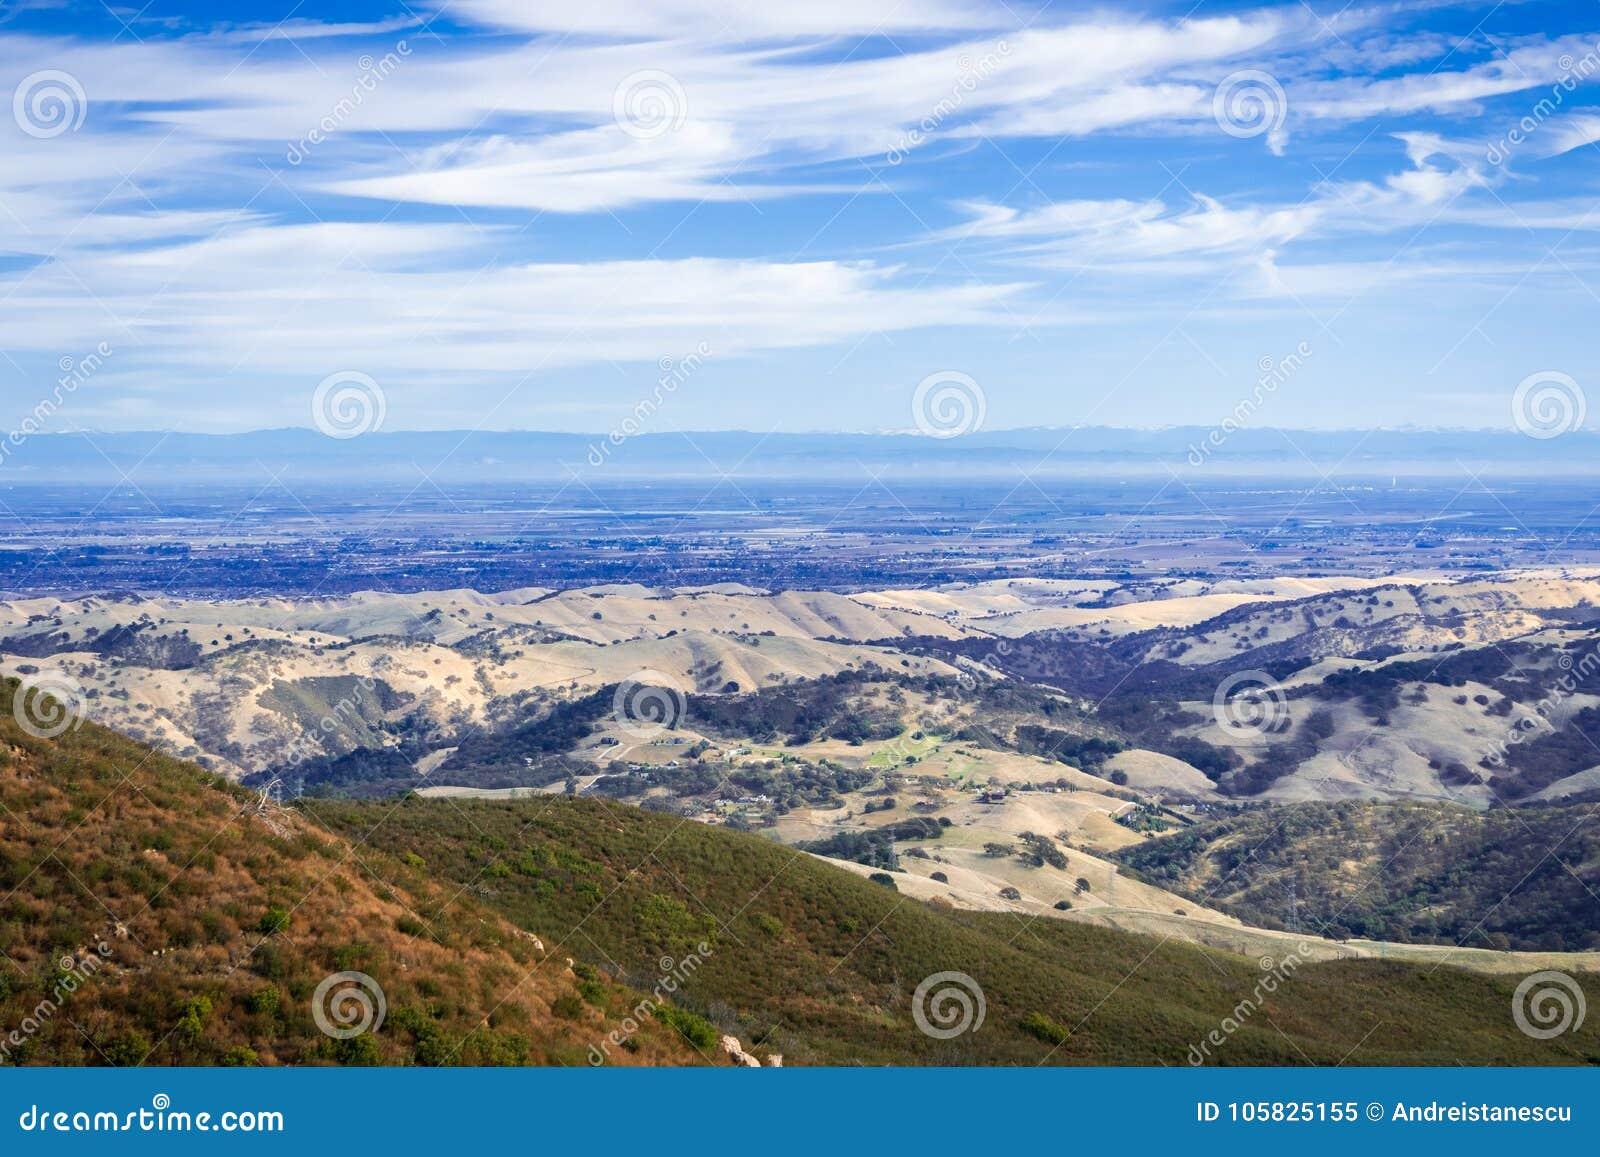 Ansicht in Richtung zum Tal, das Stockton umgibt; Sierra Berge im Hintergrund